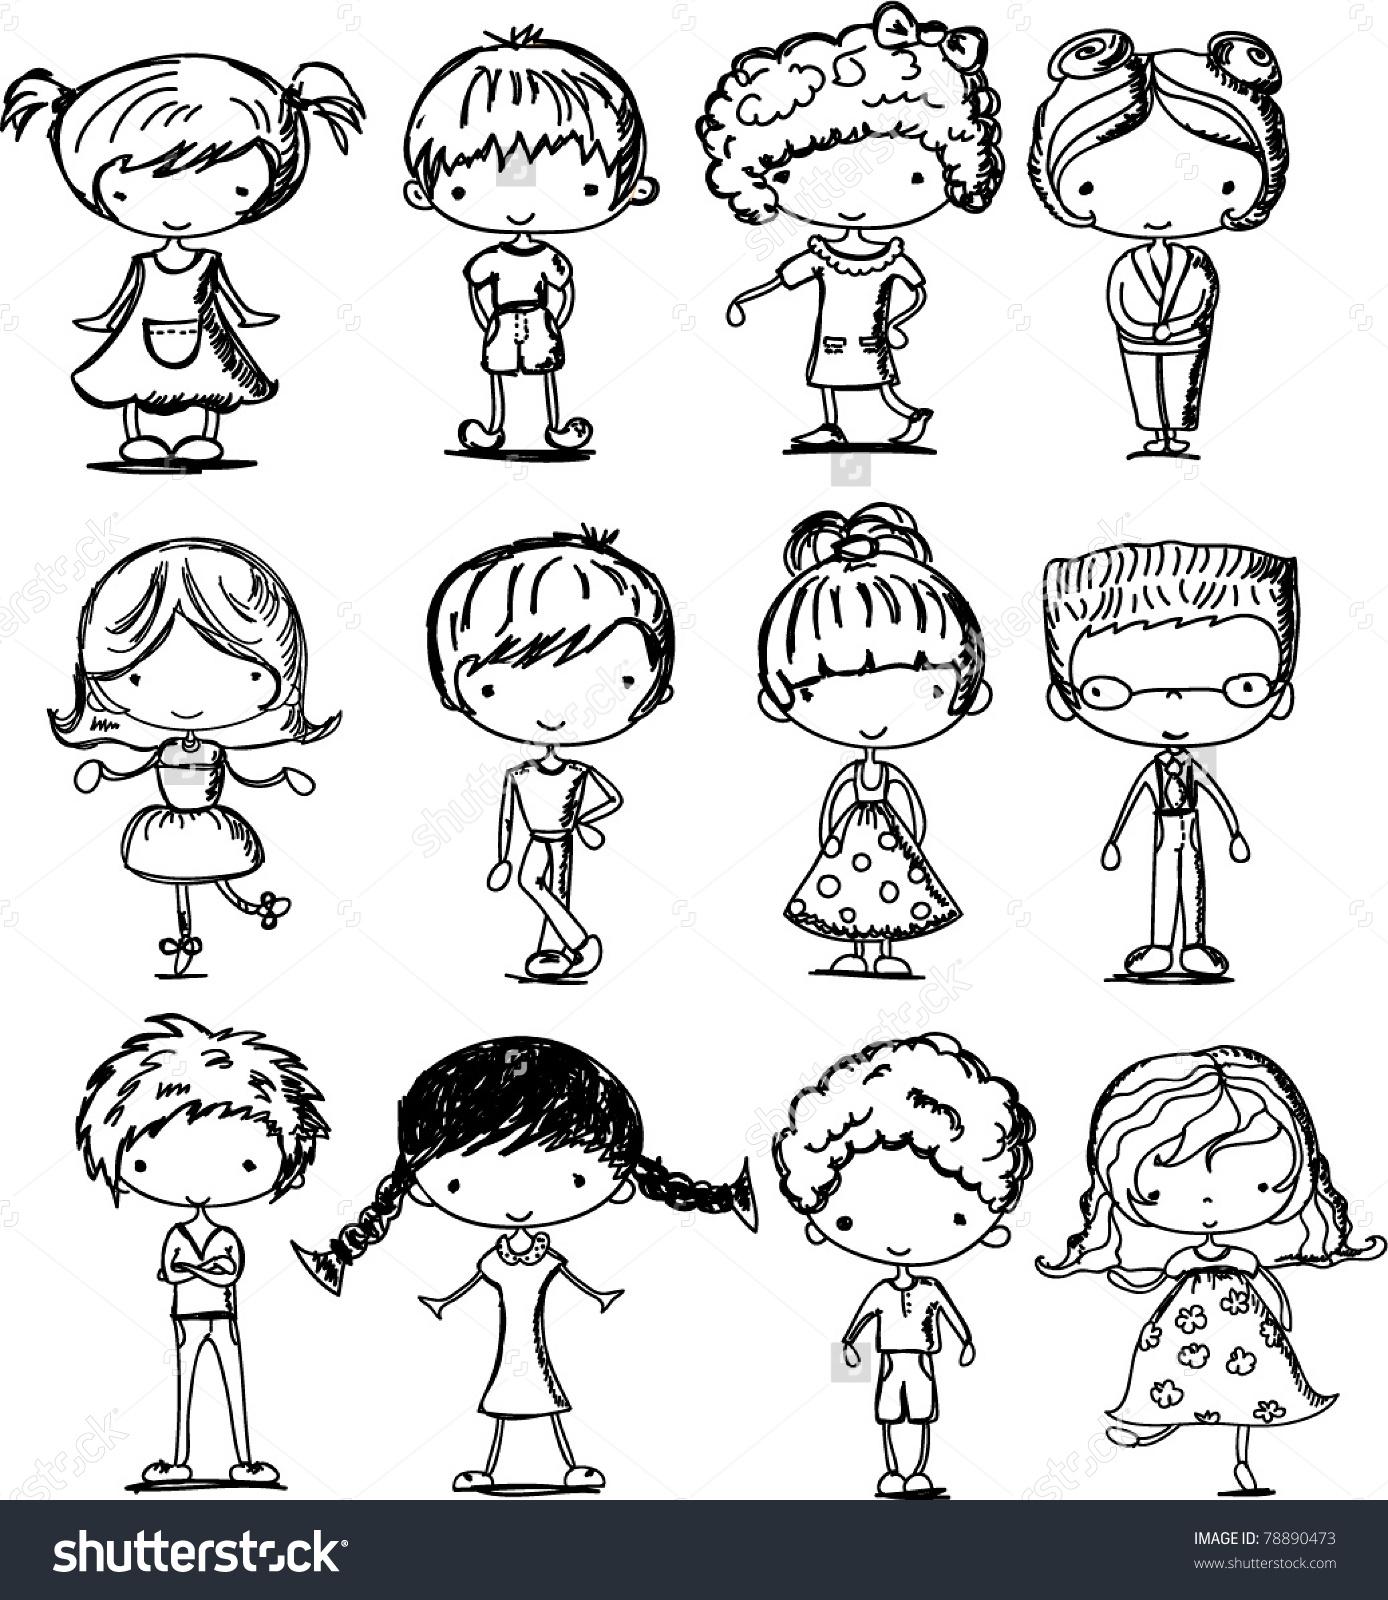 1388x1600 Cartoon Drawings Of Children Art Cartoon Drawings